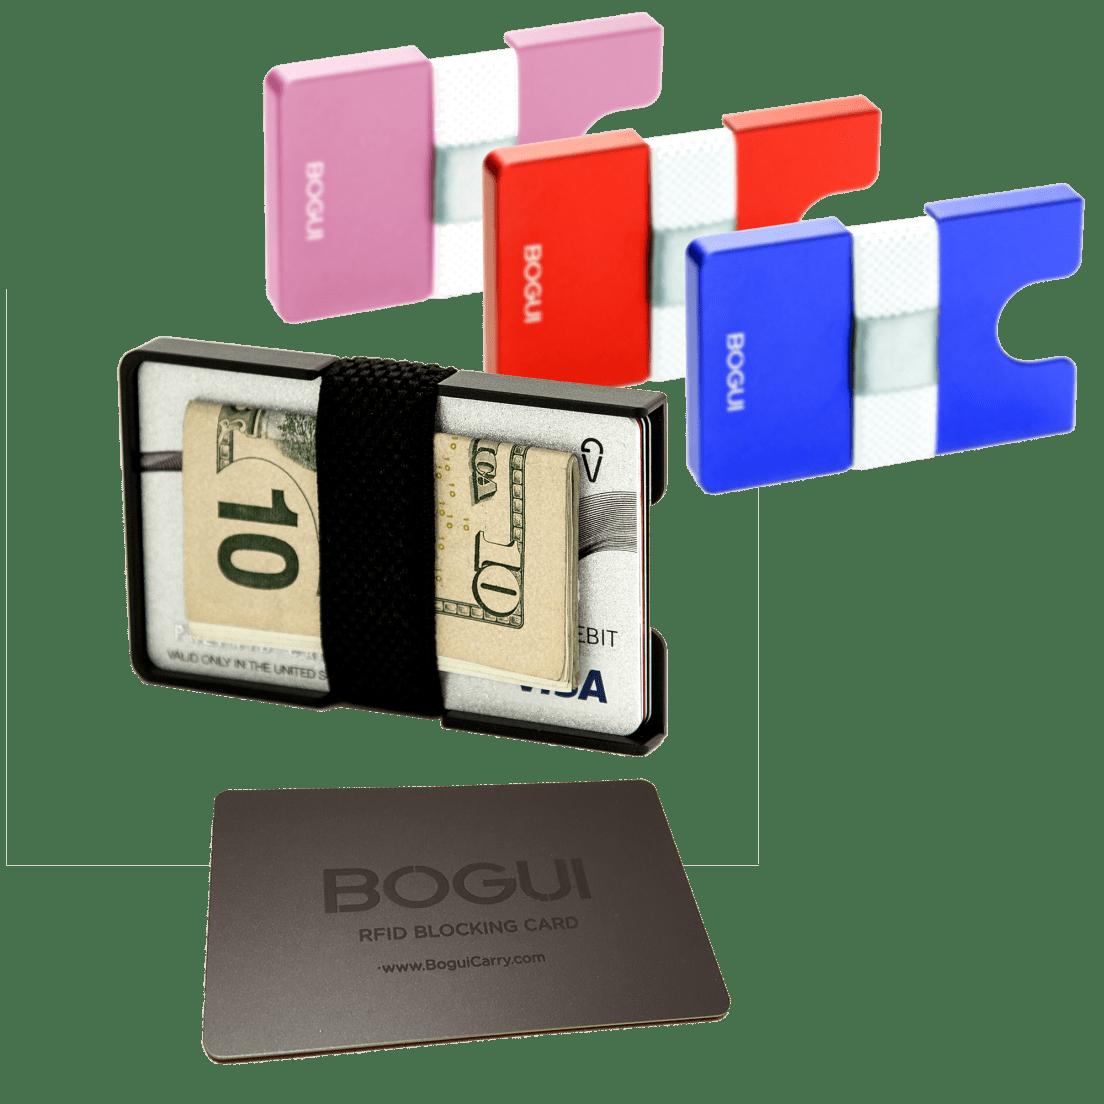 17d3cfa3bb6c BOGUI Slip Premium Aluminum Wallet with RFID Blocking Card